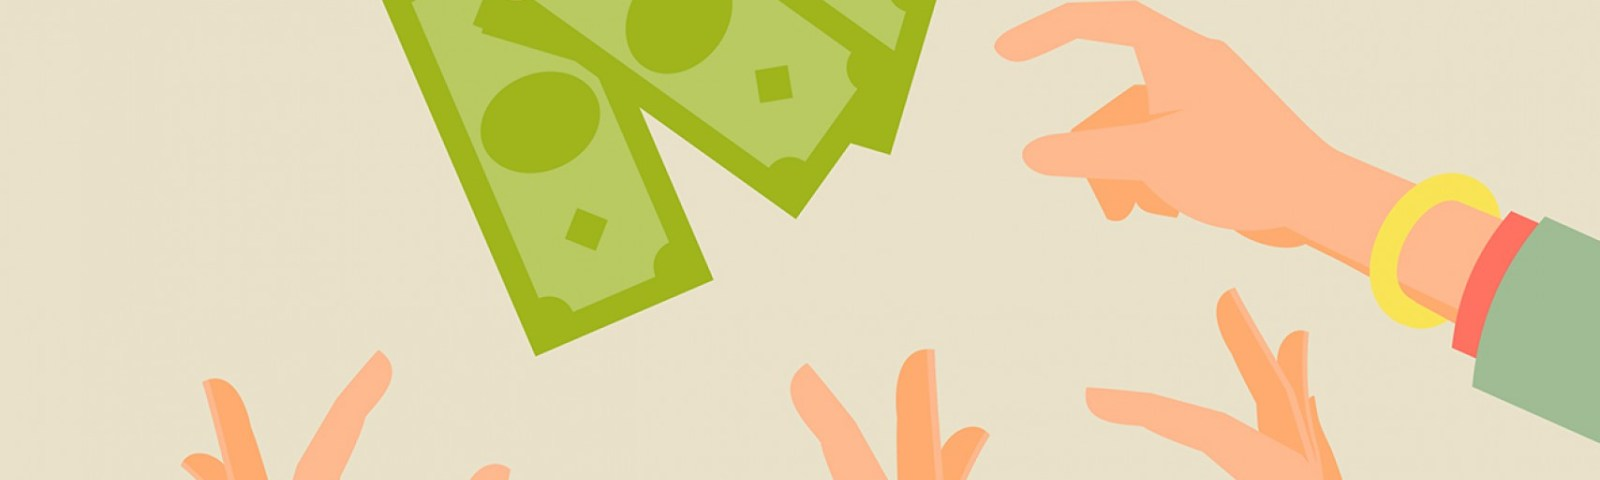 Como financiar um negócio